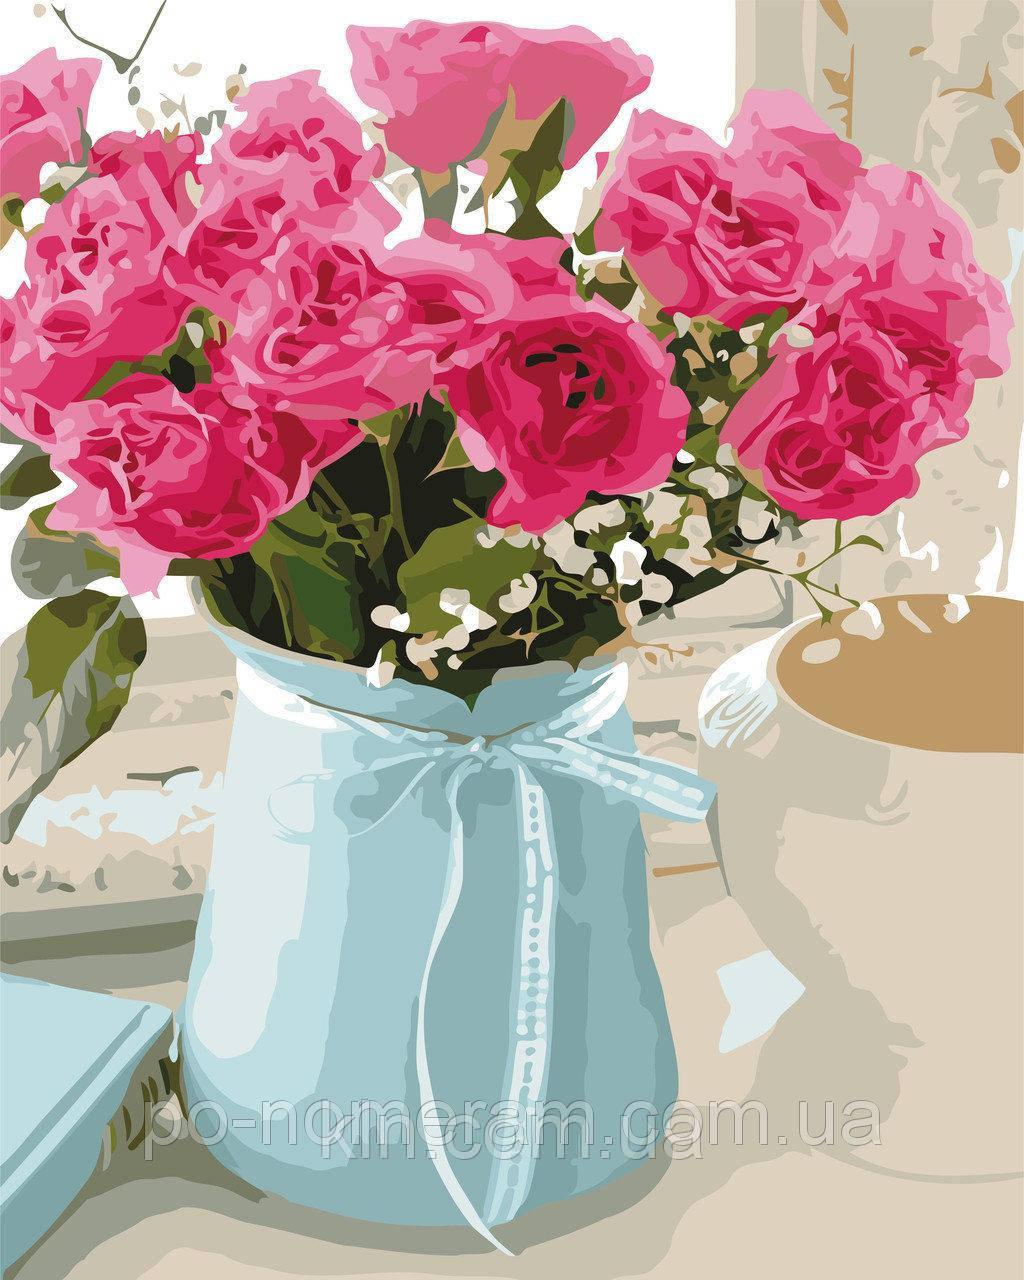 Картина по номерам ArtStory Розовые розы 40 х 50 см (арт. AS0521)